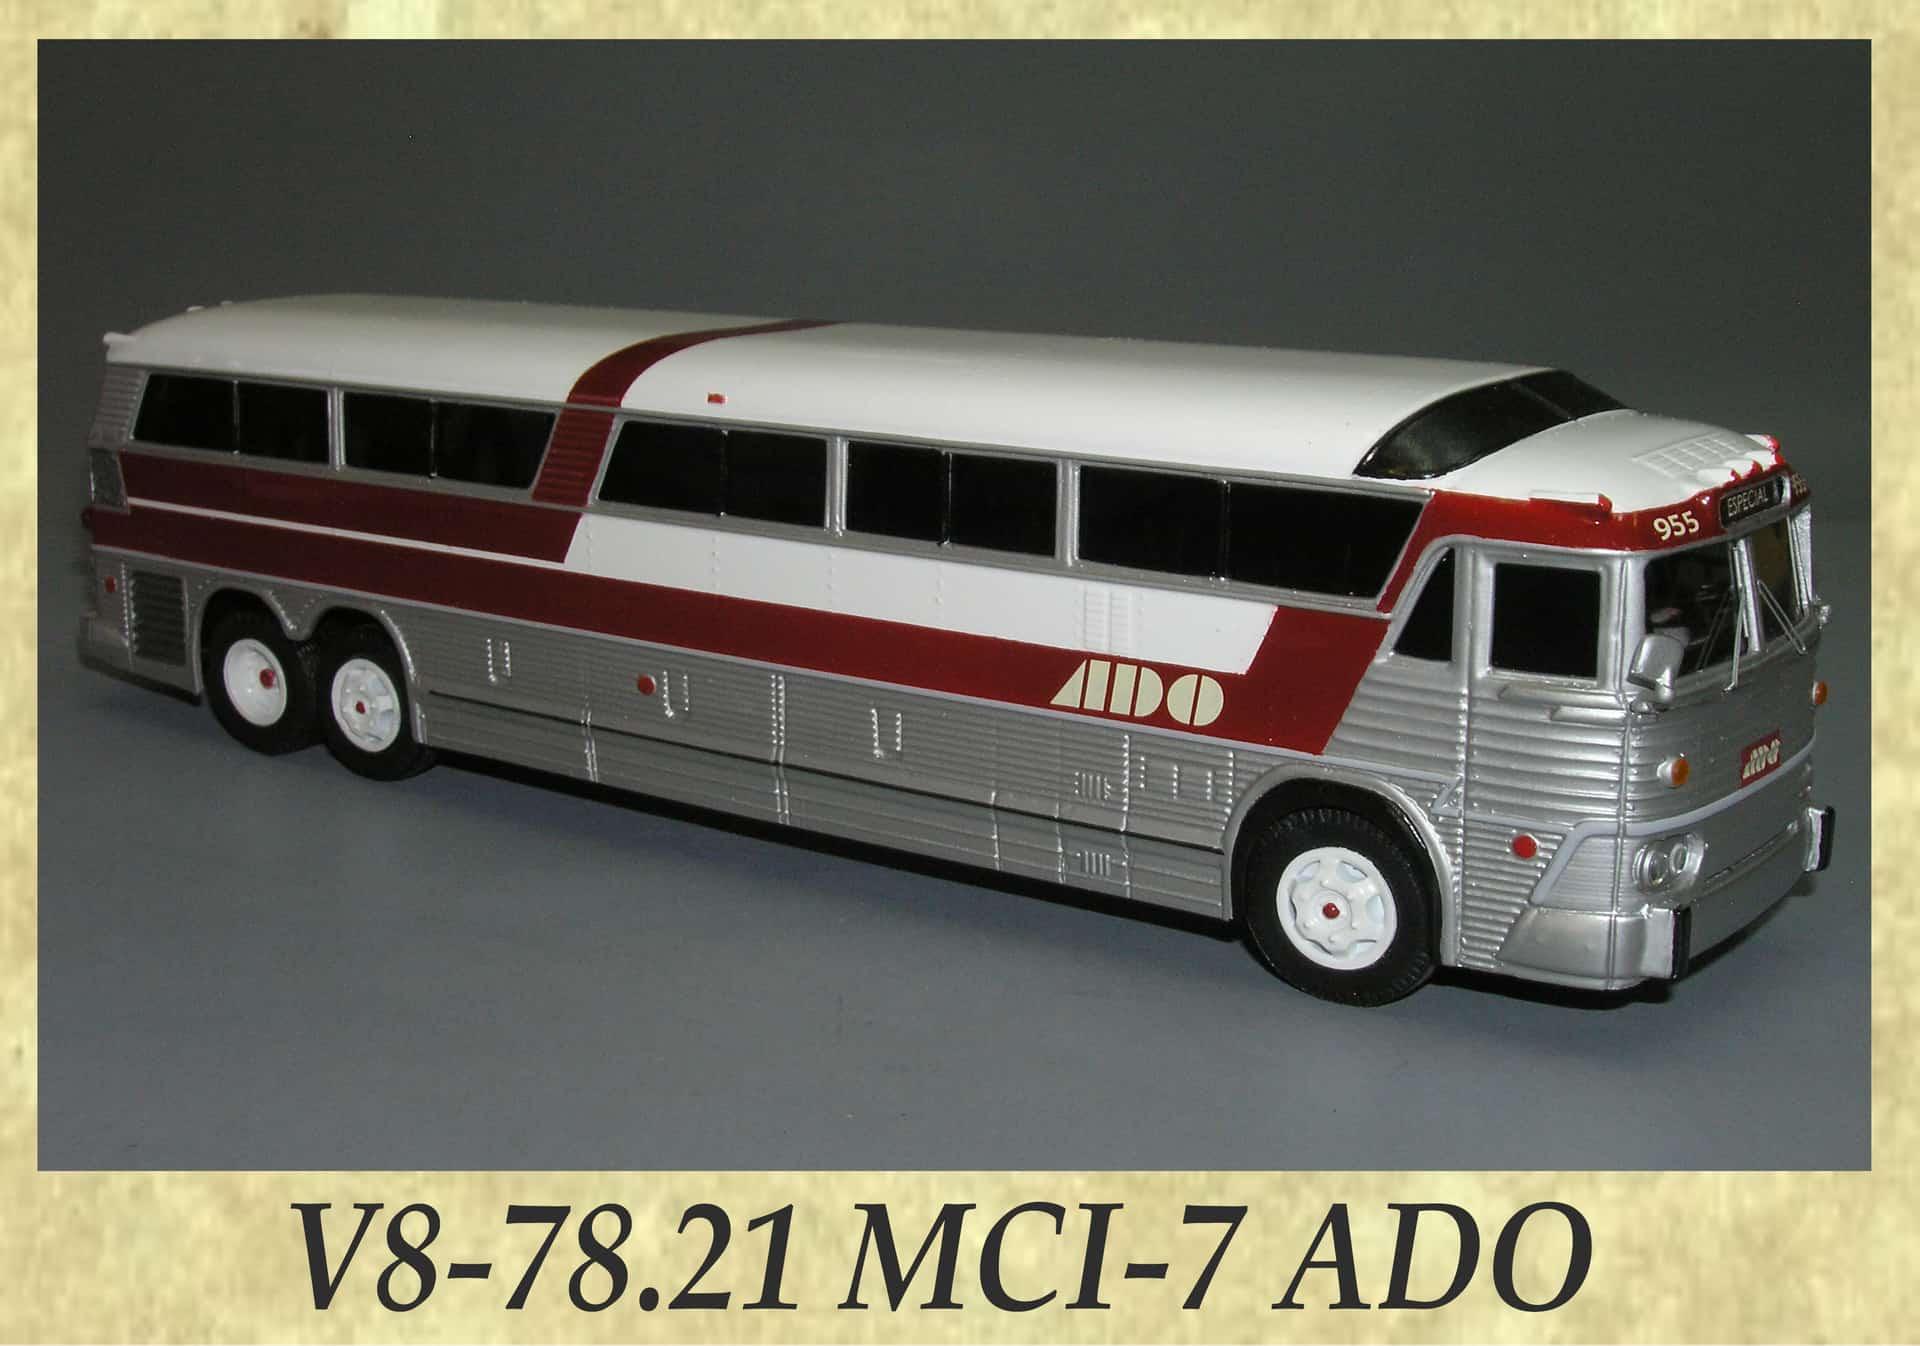 V8-78.21 MCI-7 ADO